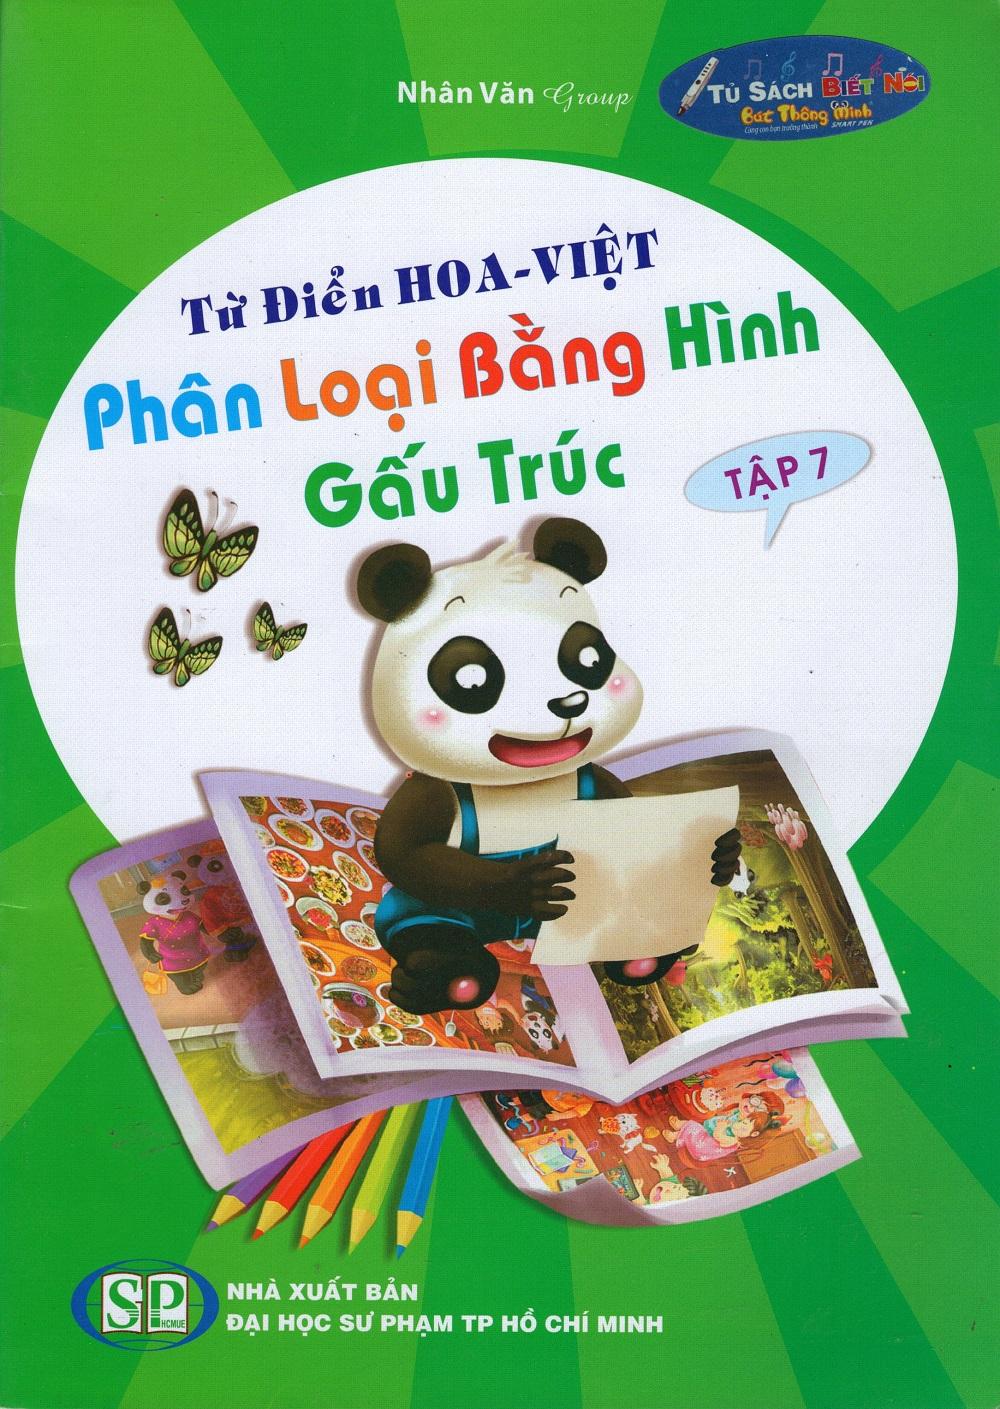 Bìa sách Từ Điển Hoa - Việt Phân Loại Bằng Hình Gấu Trúc (Tập 7)